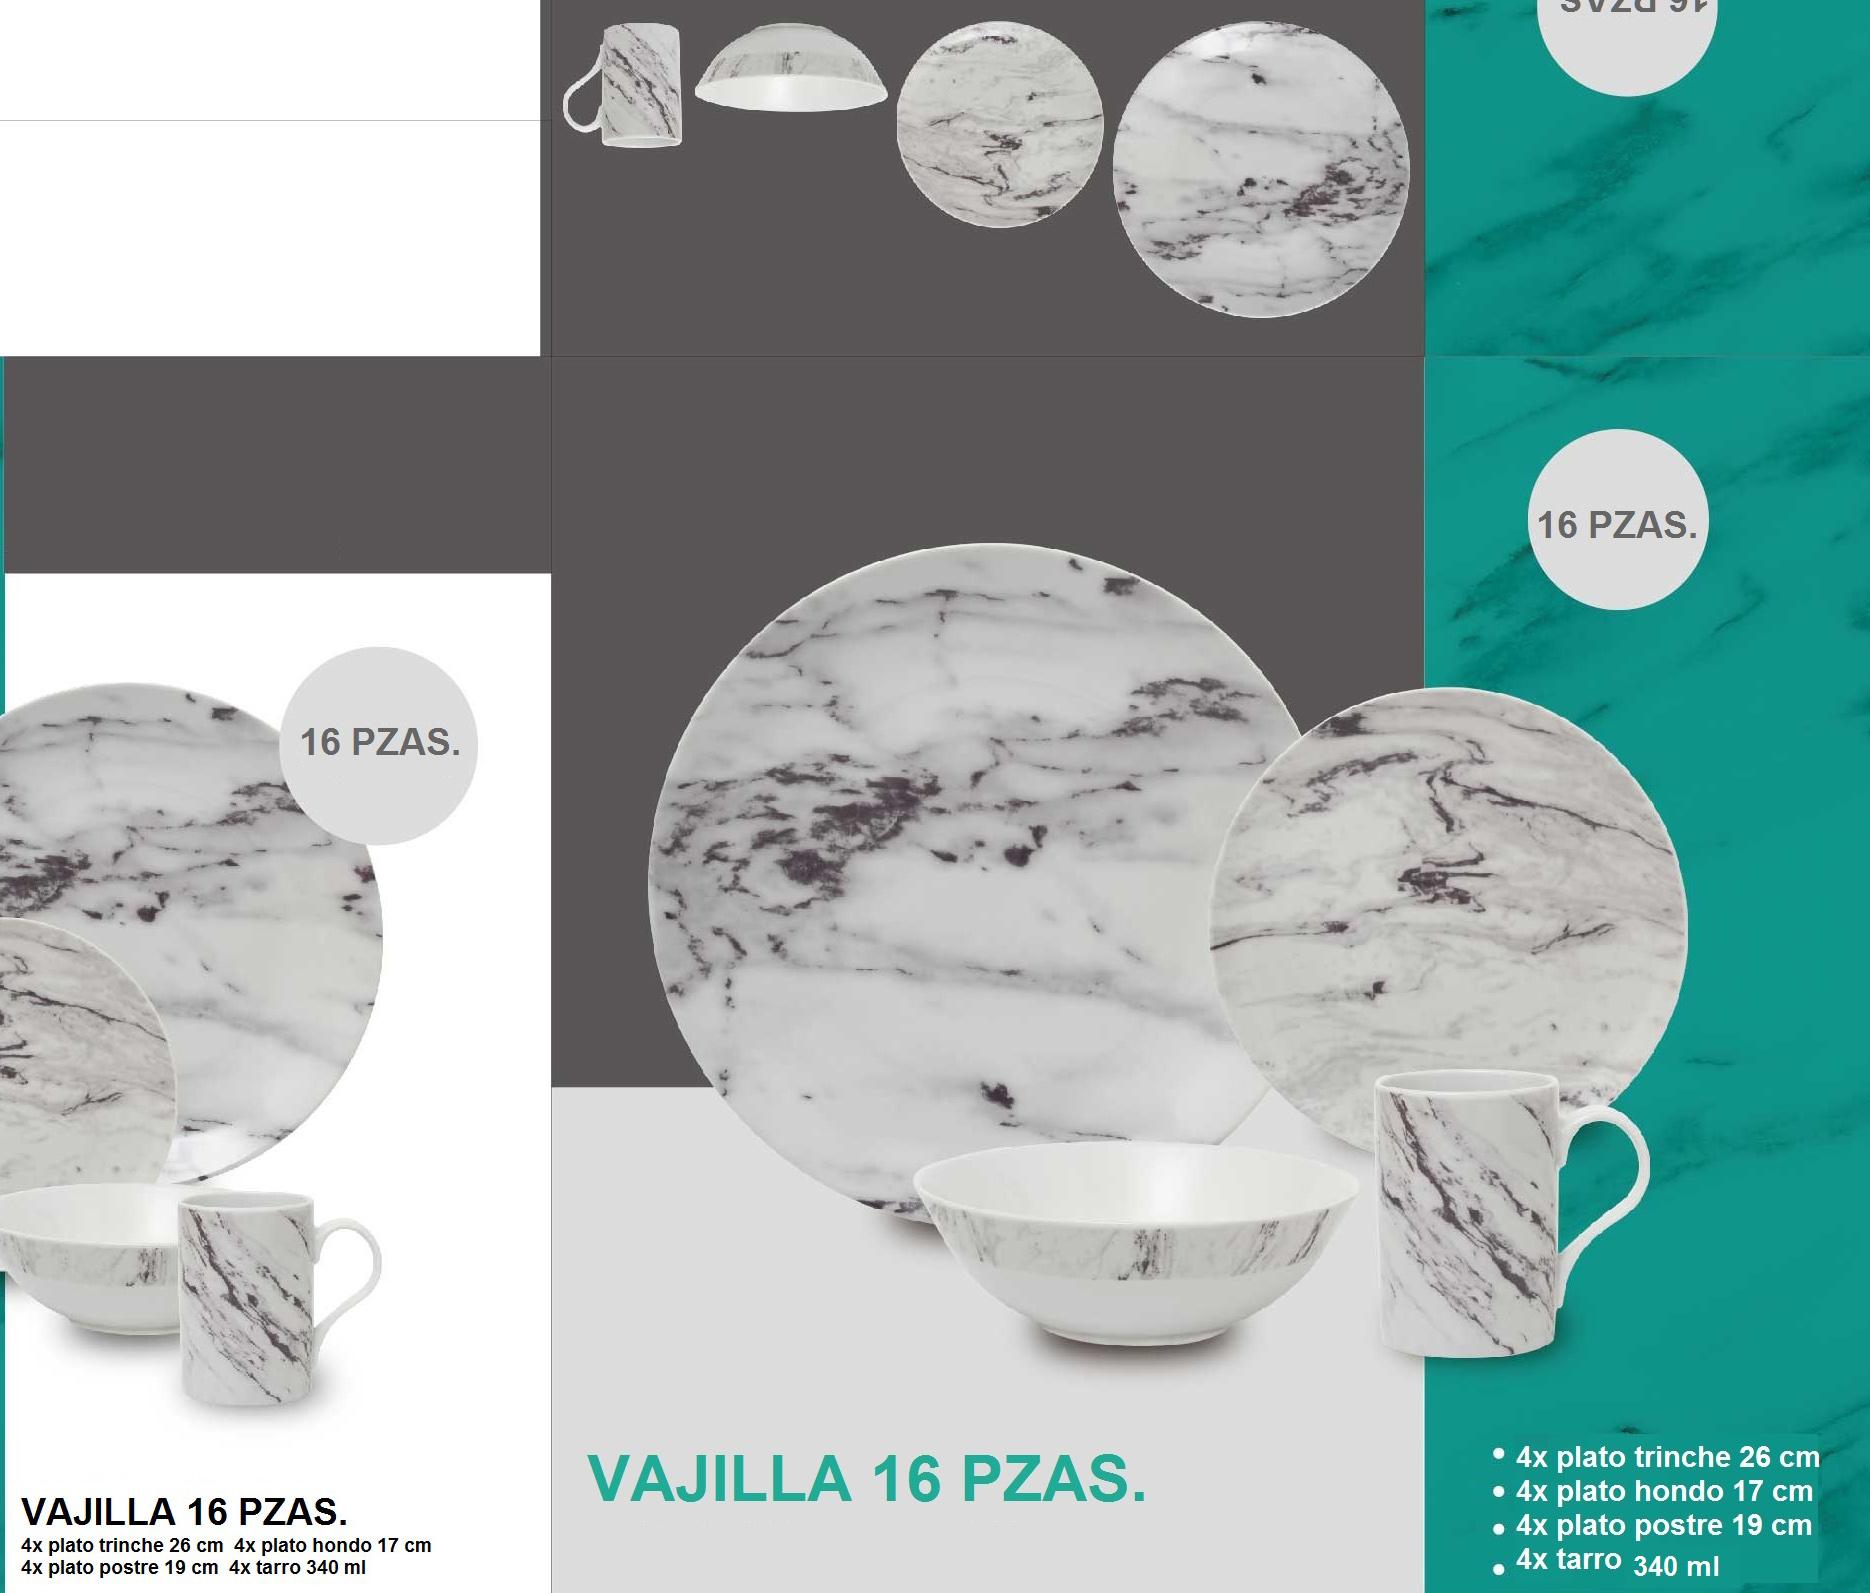 Vajilla de porcelana p/4 personas de 16pzas imitación Mármol blanco c/gris